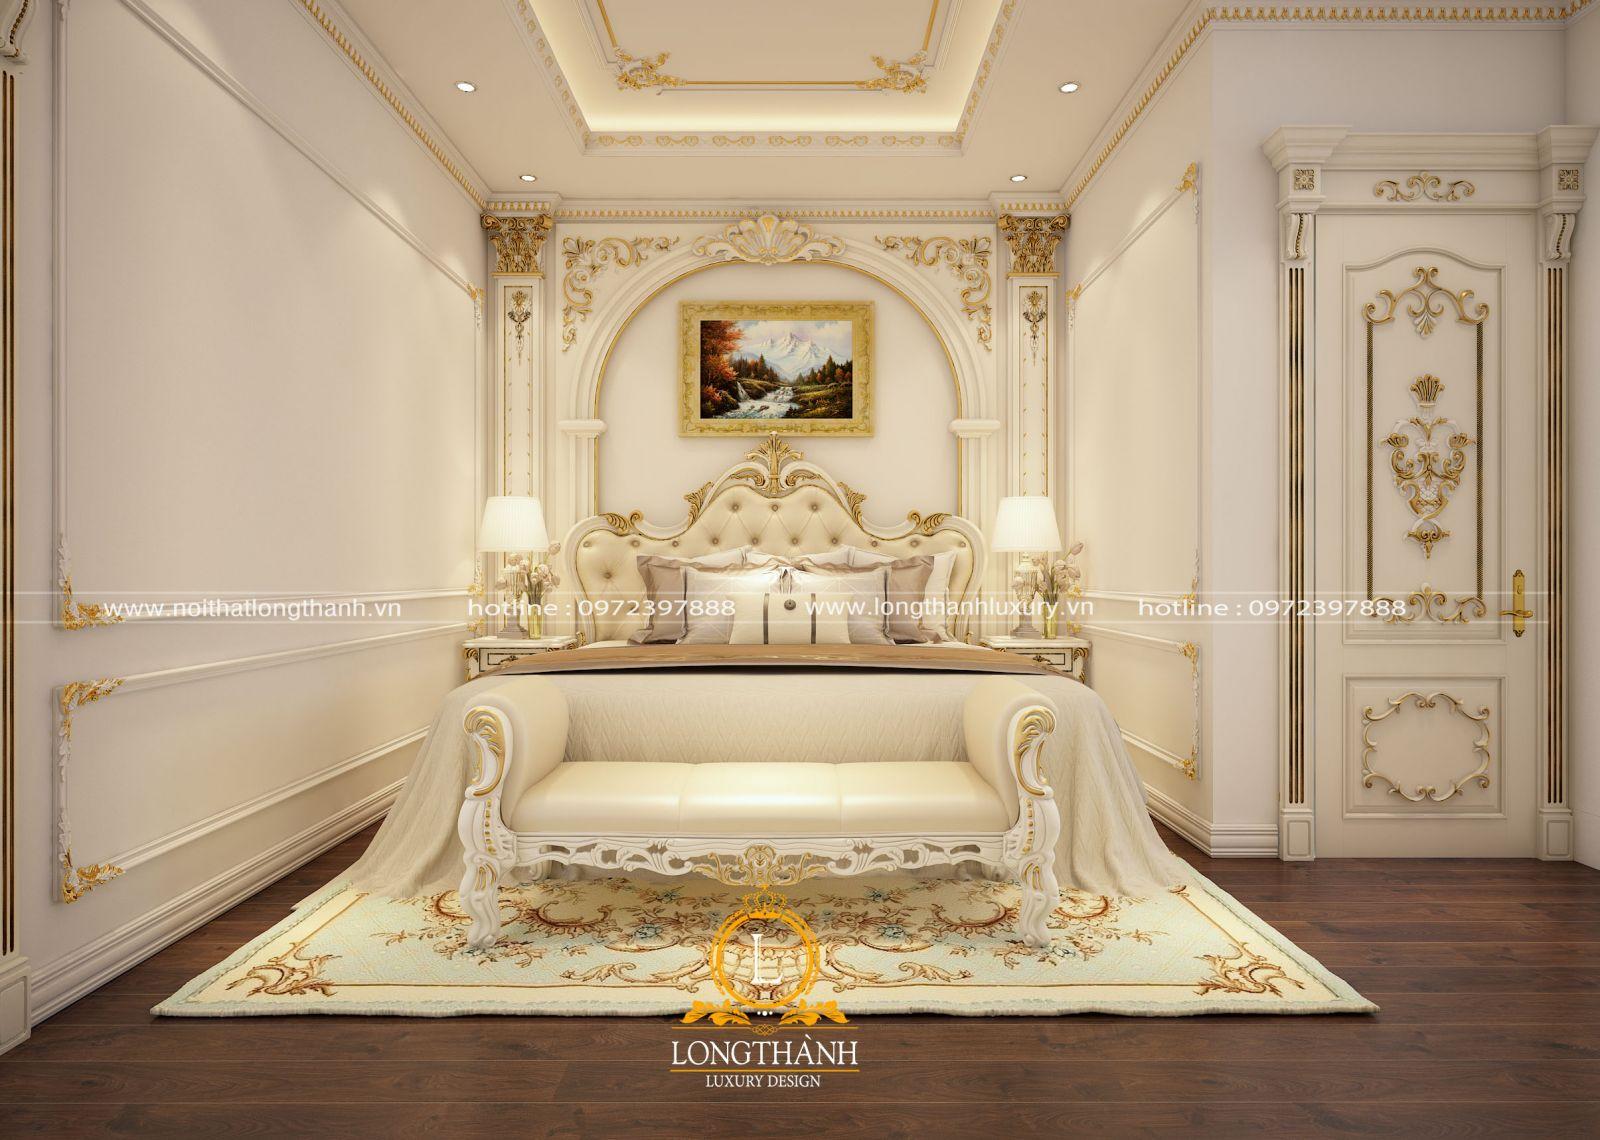 Mẫu phòng ngủ sơn trắng dát vàng sang trọng, tinh tế và đẳng cấp